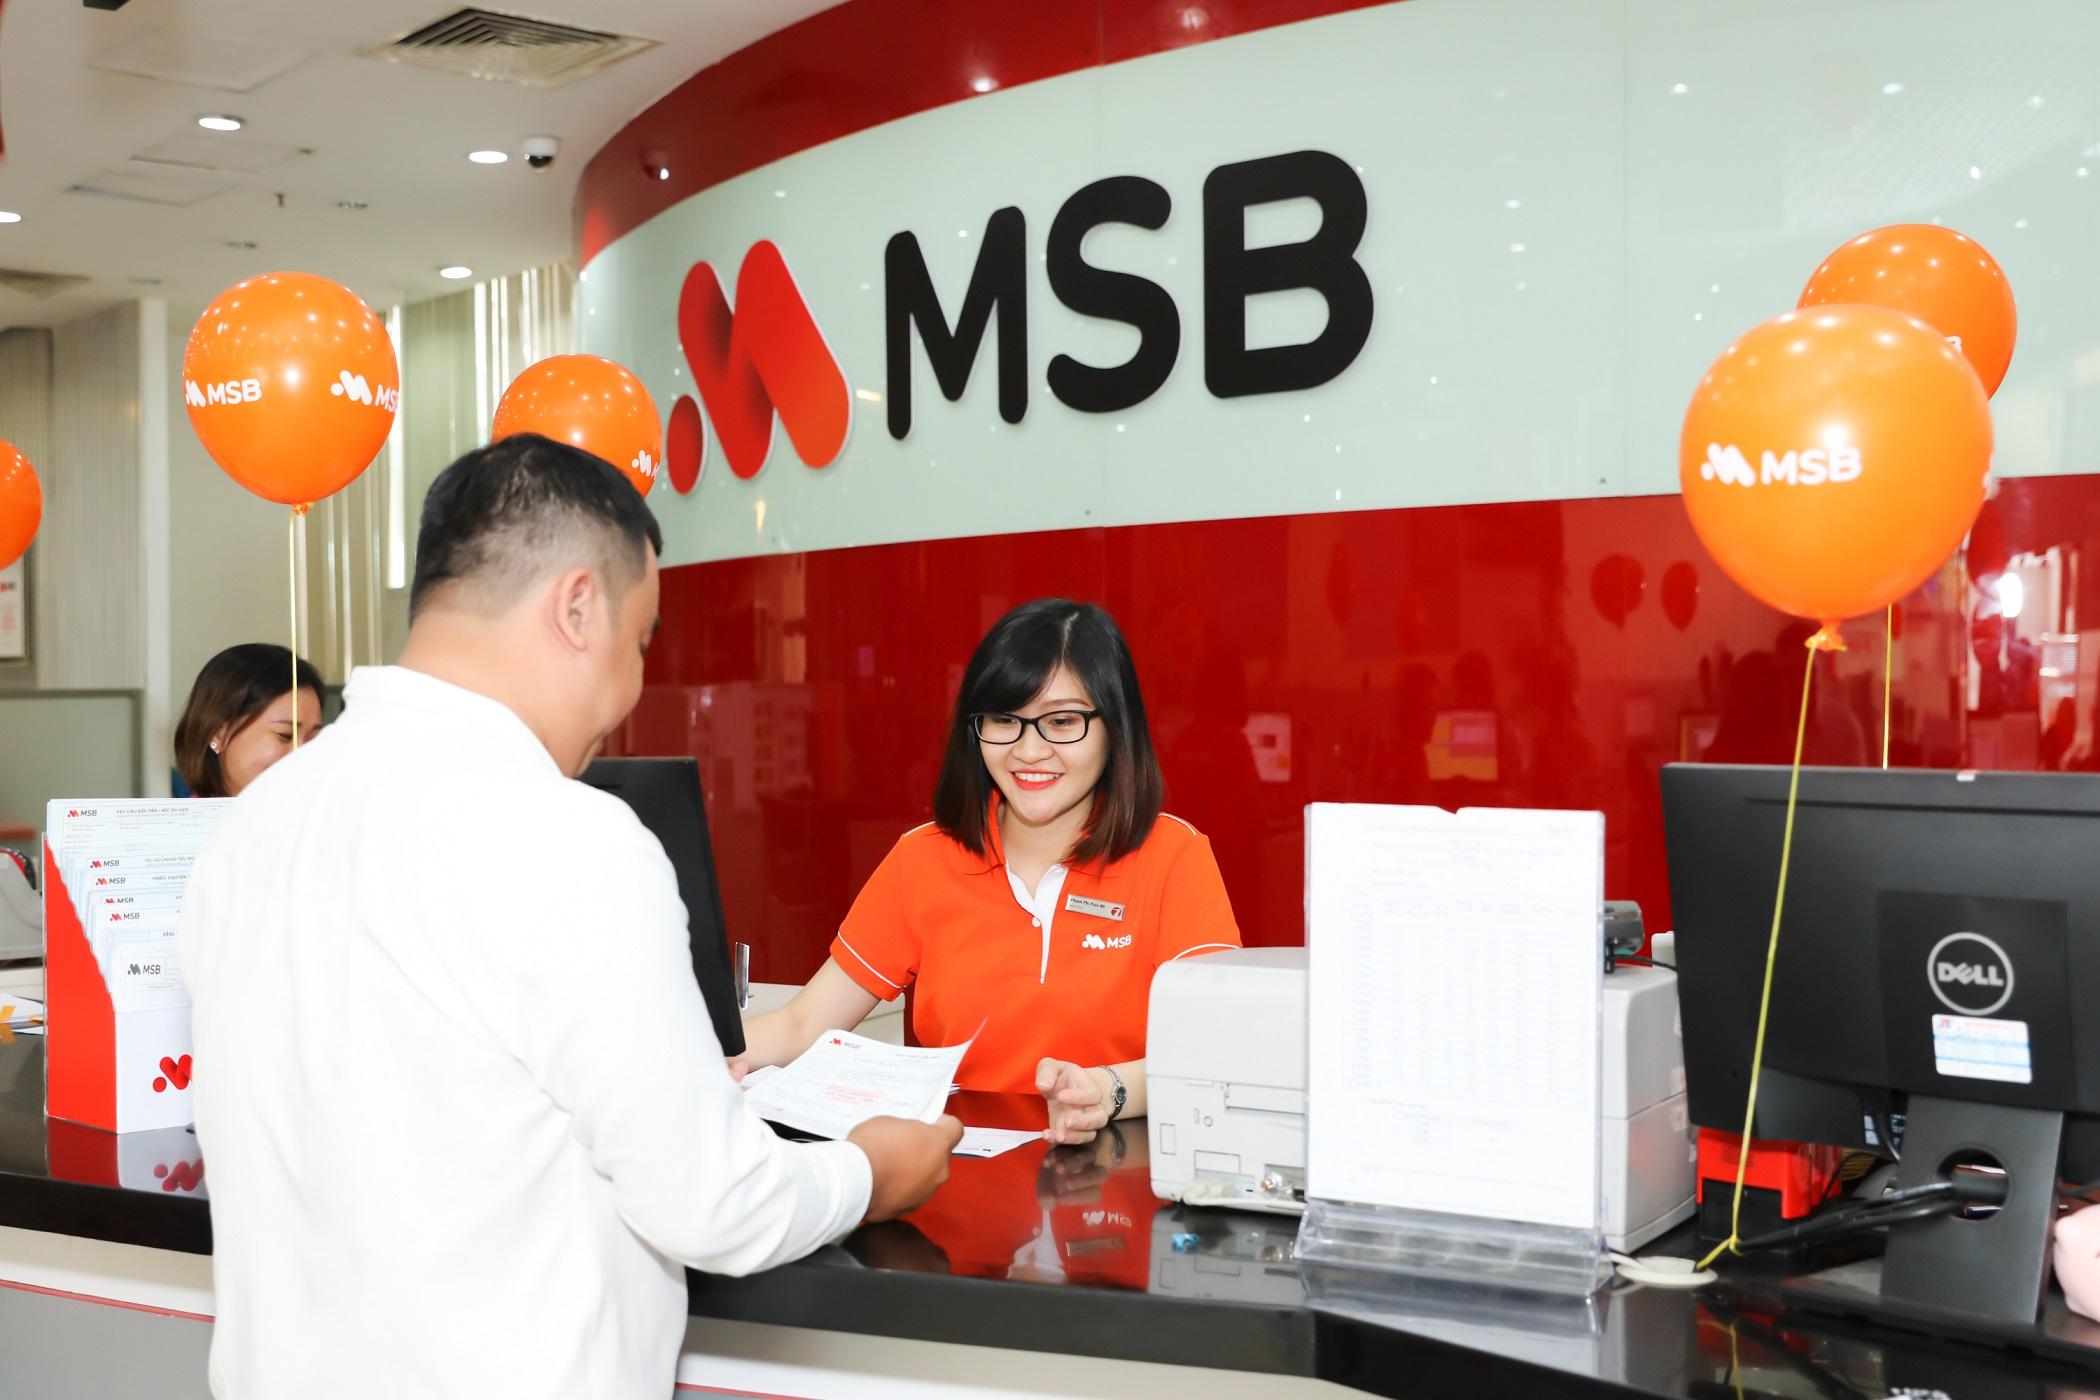 Giao dịch ngoại tệ đơn giản hơn bao giờ hết cùng ưu đãi hấp dẫn từ MSB